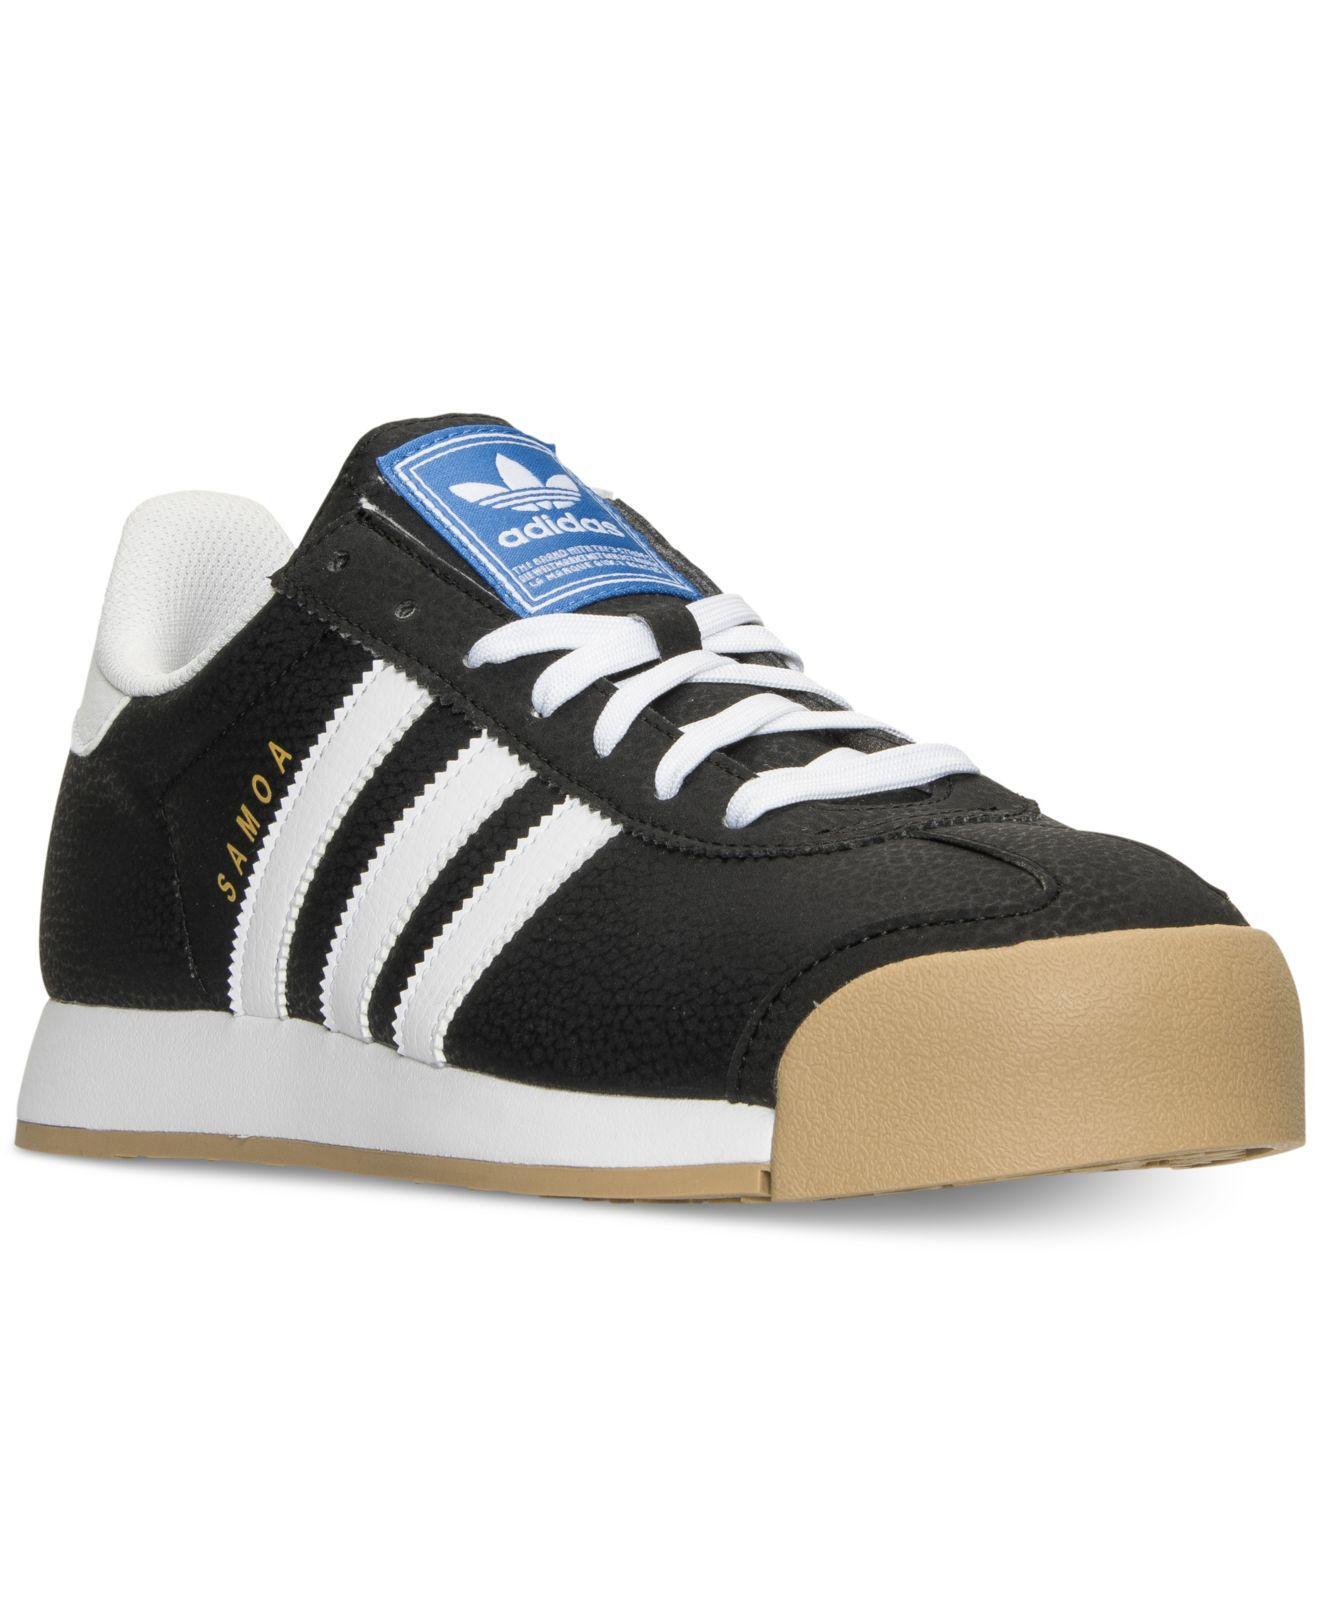 Lyst Adidas Originali Degli Samoa Uomini